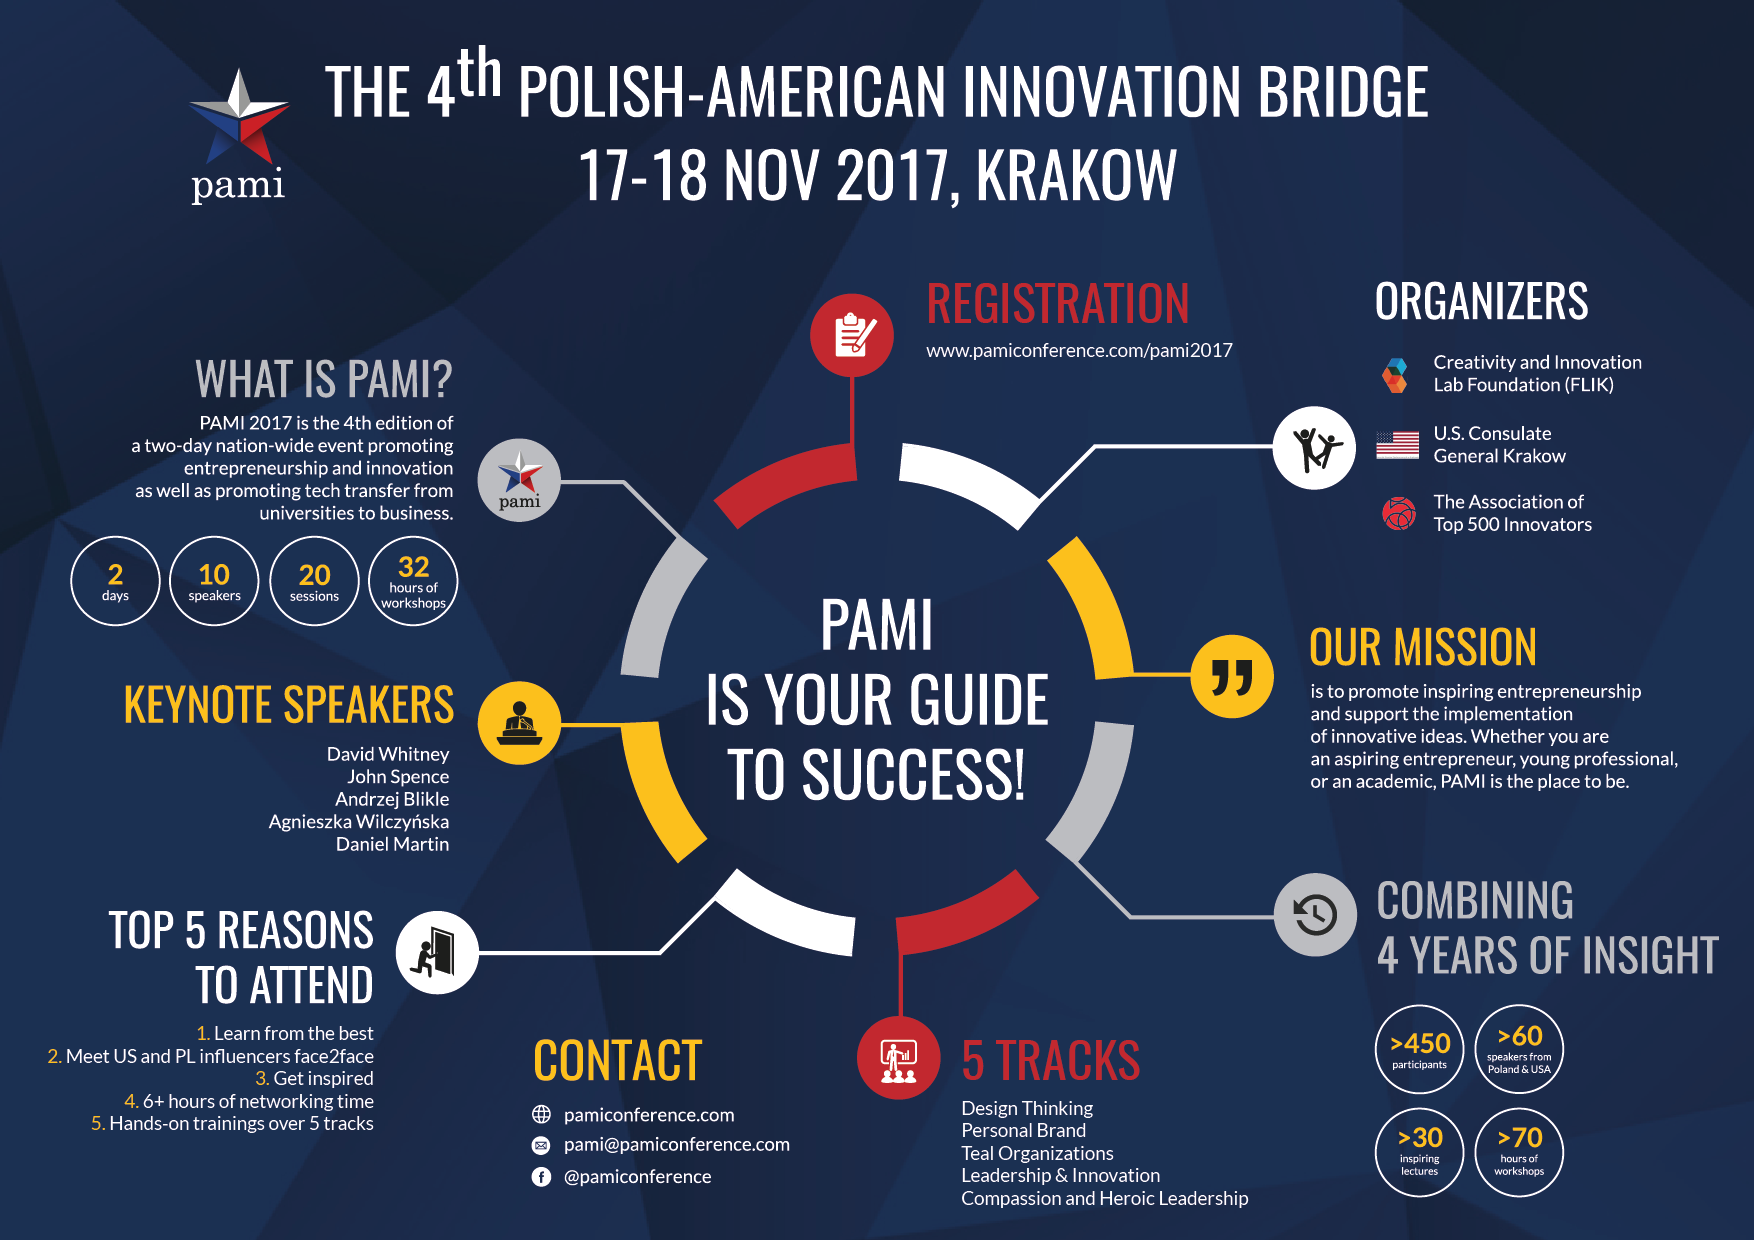 miniatura 17-18.11 Polsko-Amerykański Most Innowacji (PAMI) 2017